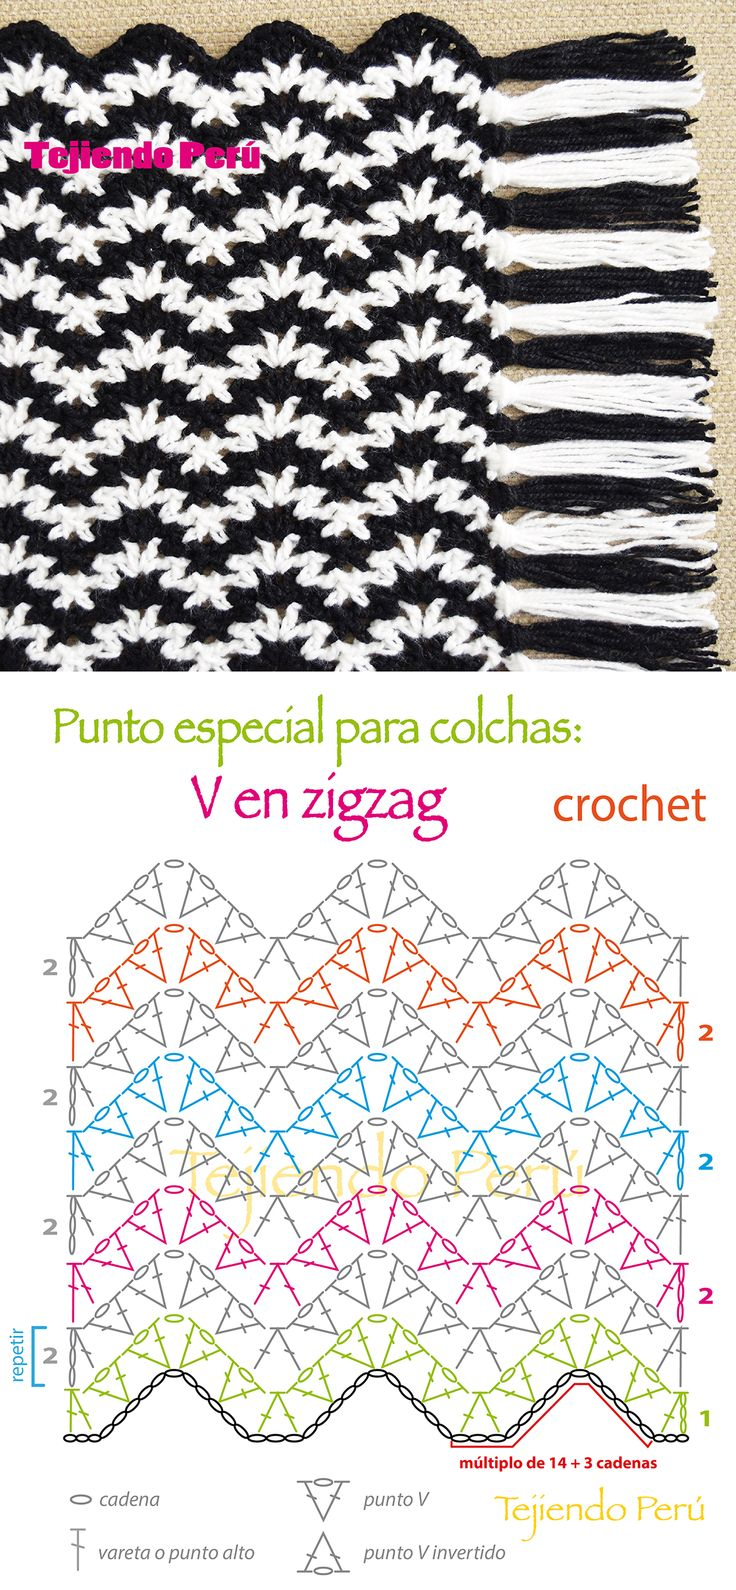 #Crochet: punto especial para tejer una #colcha manta o #cobija! En el video tutorial están las indicaciones para tejer todos los tamaños :)